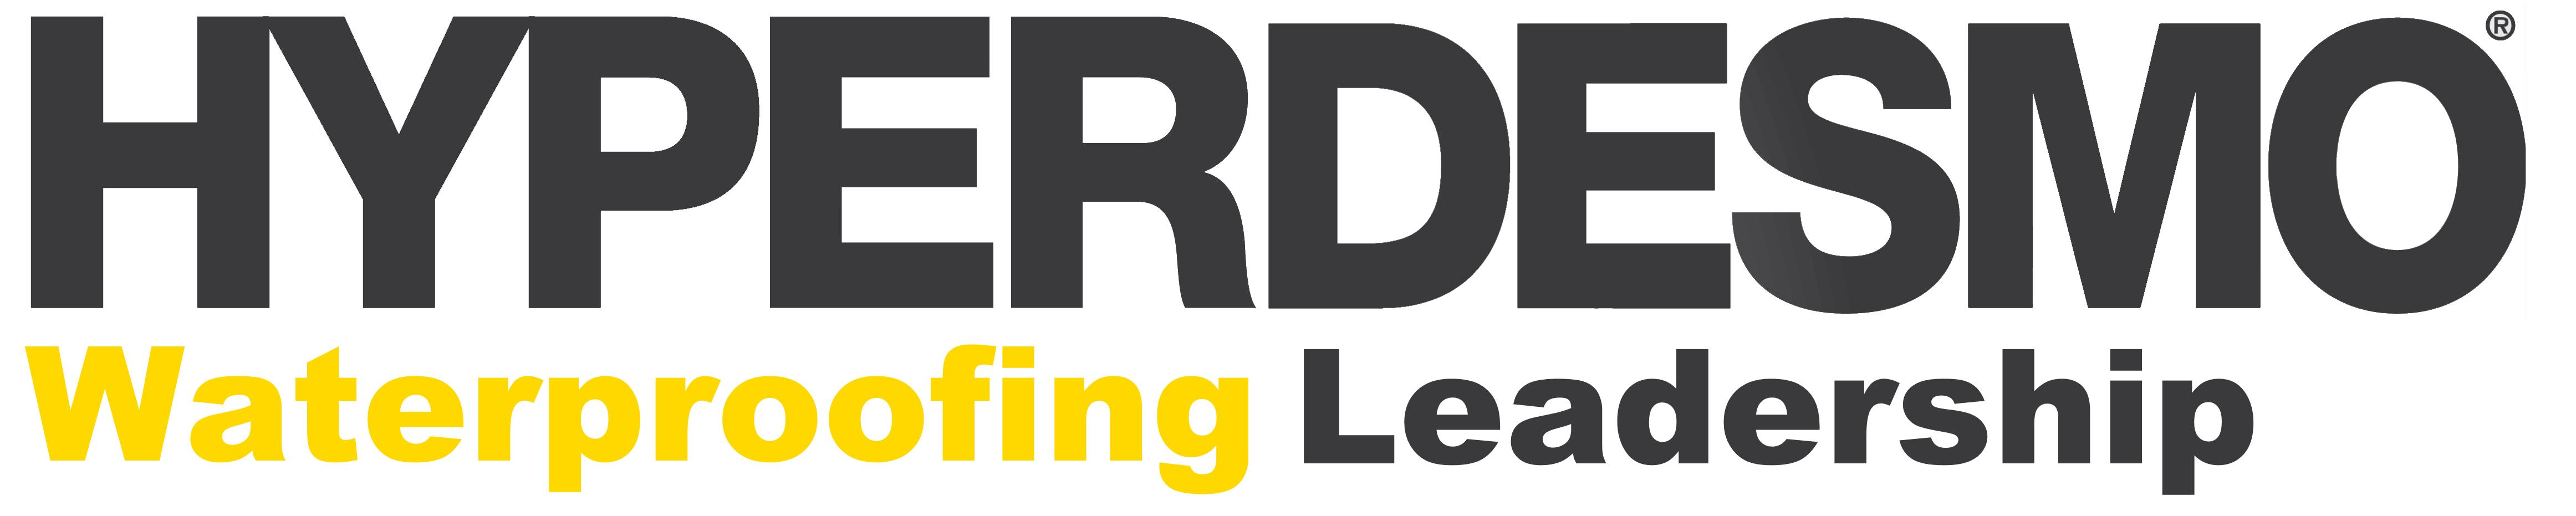 Hyperdesmo logo + waterproofing